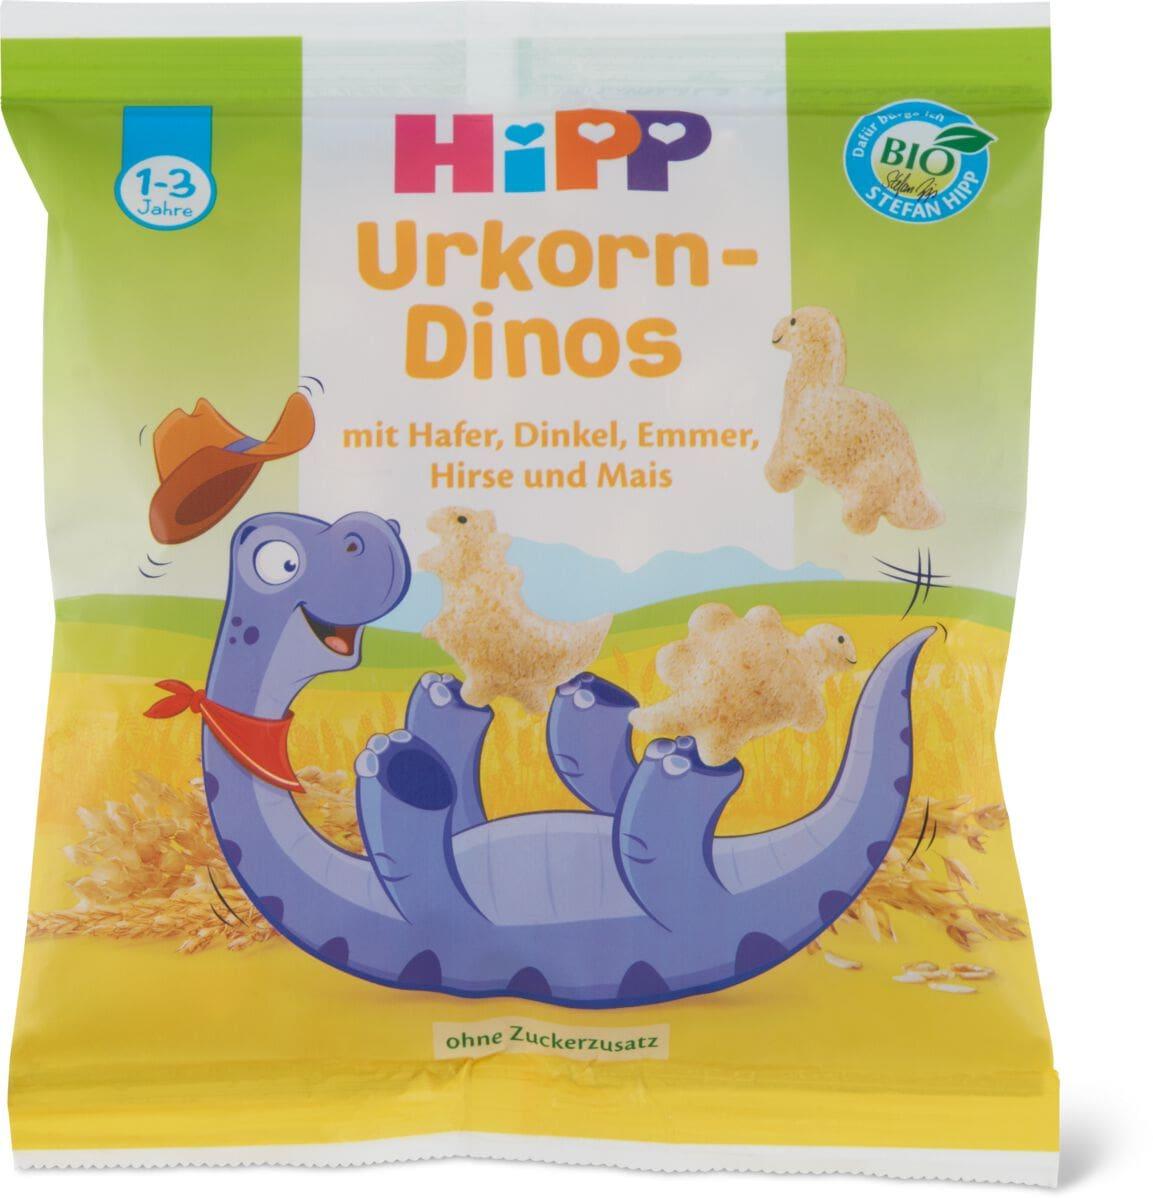 Hipp Urkorn Dinos